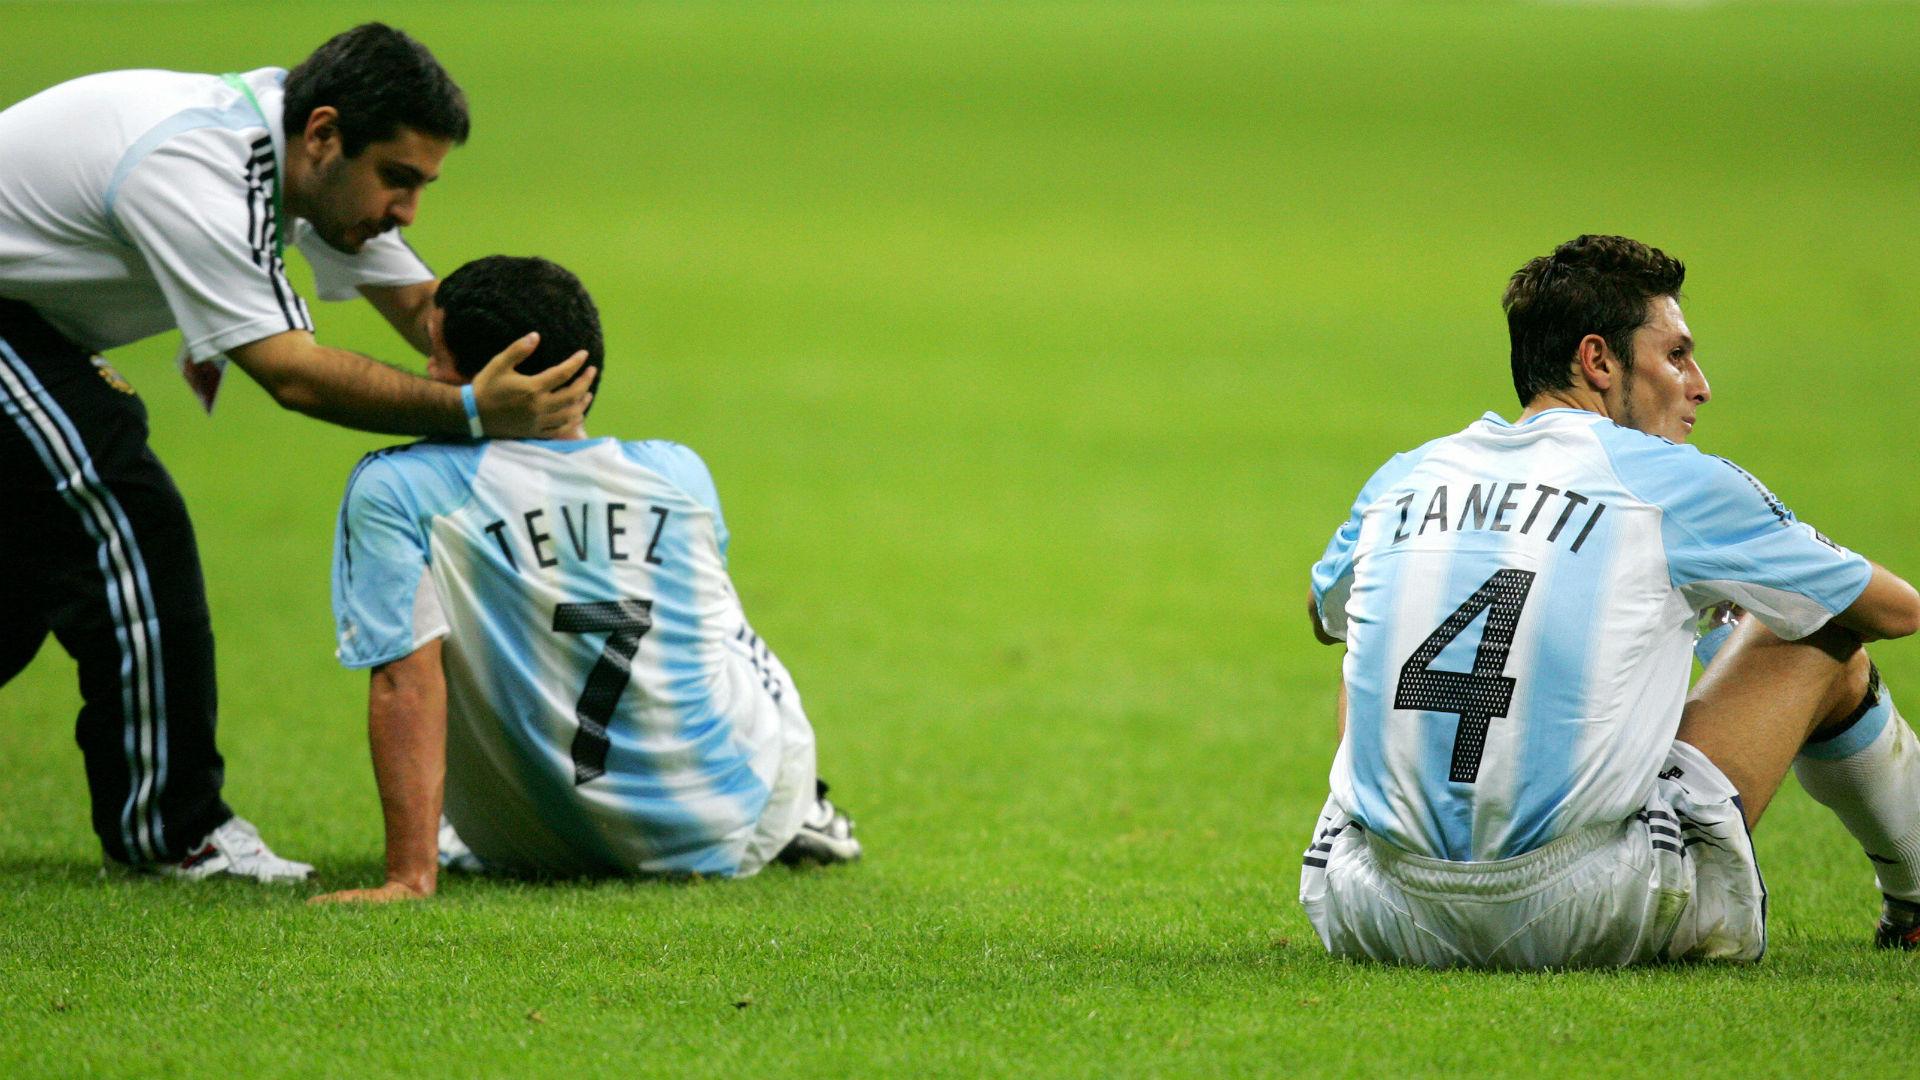 Tevez Zanetti Final Copa Confederaciones 2005 Brasil Argentina